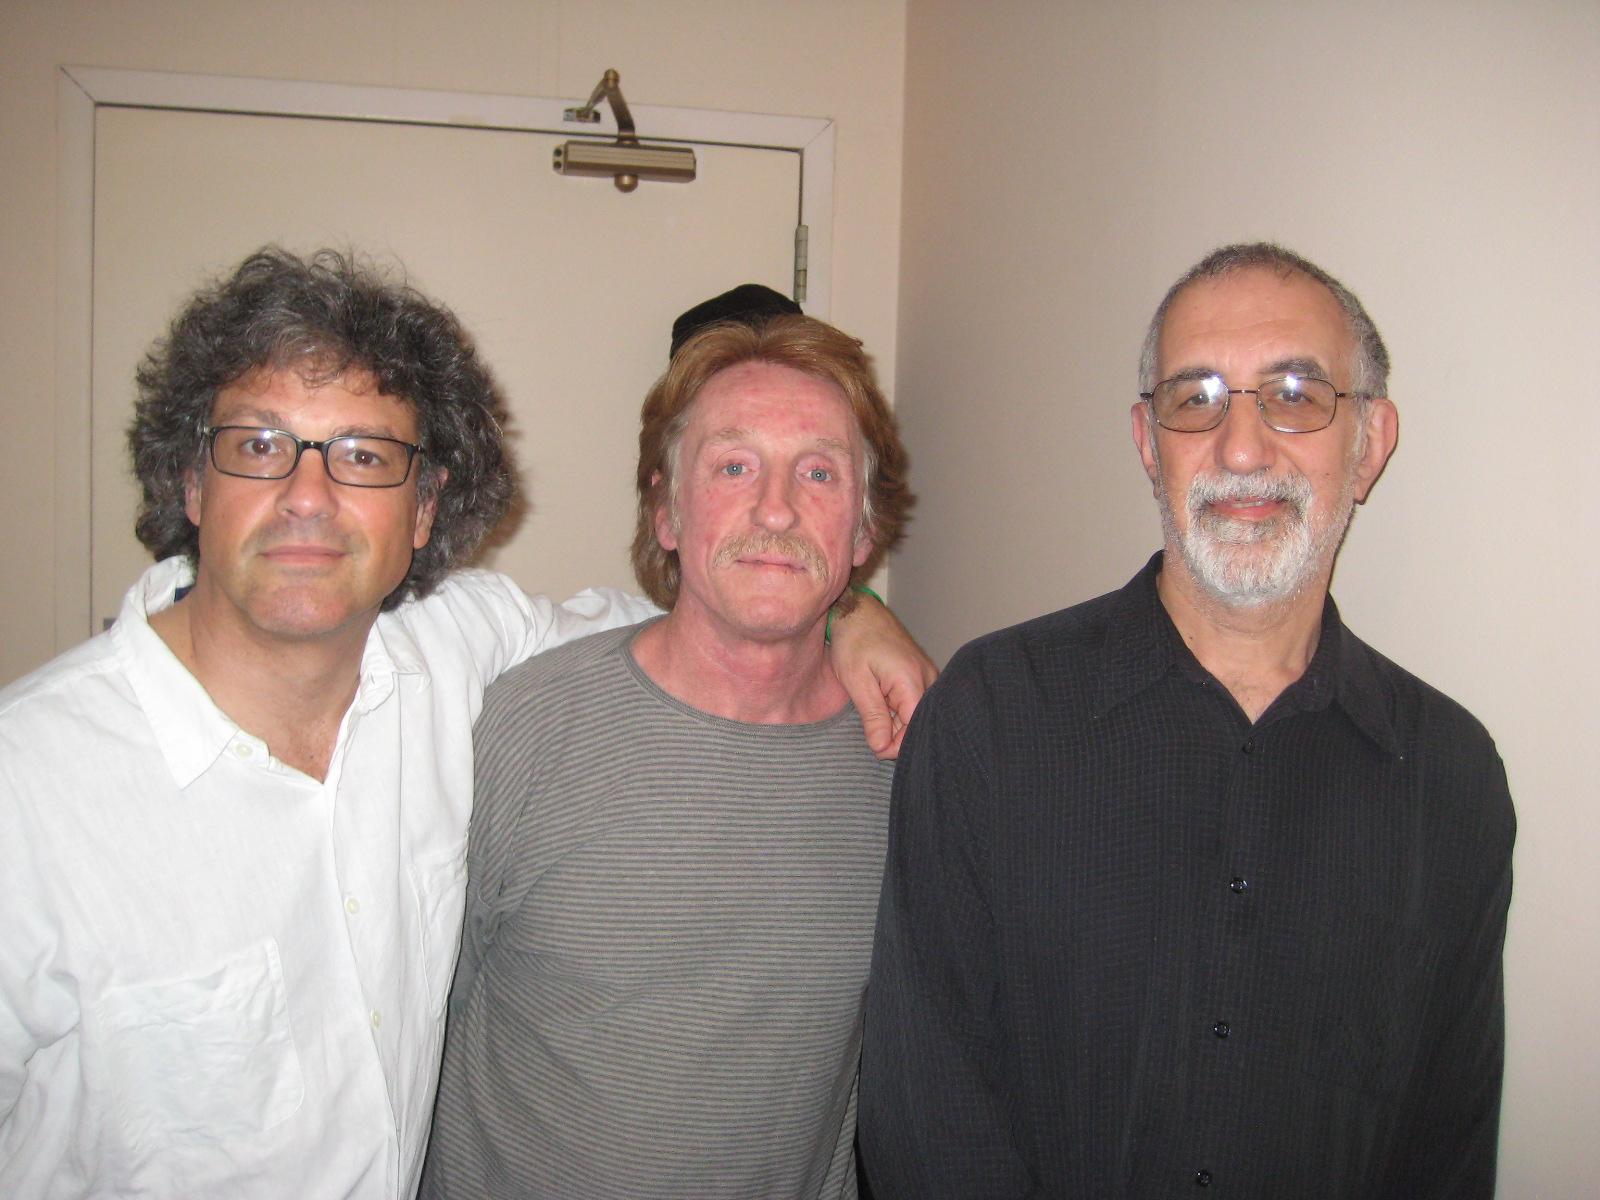 Pete, Lee, Eliot copy.JPG